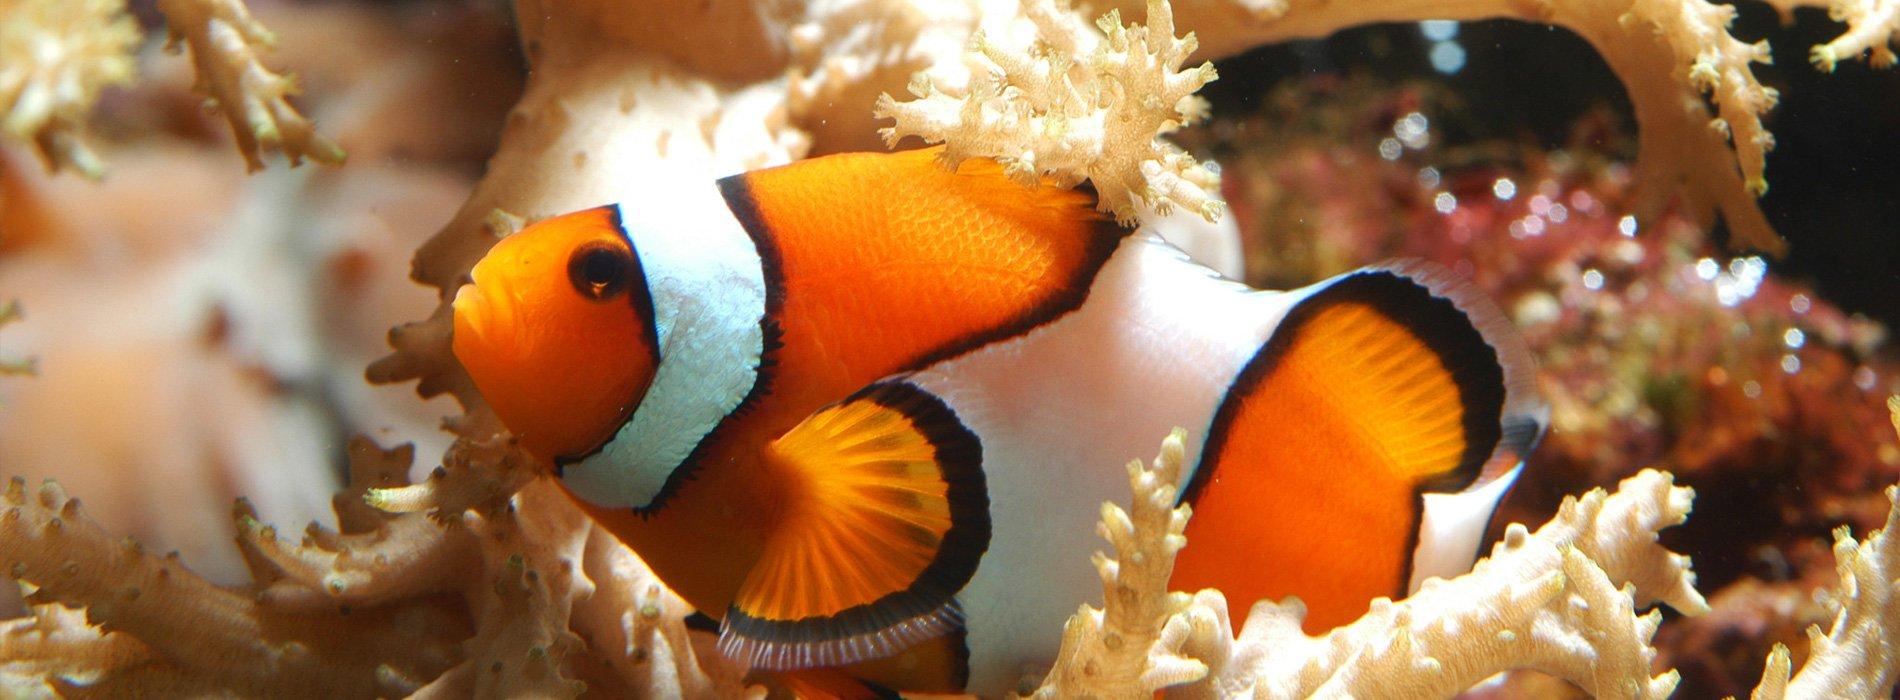 假黑小丑鱼